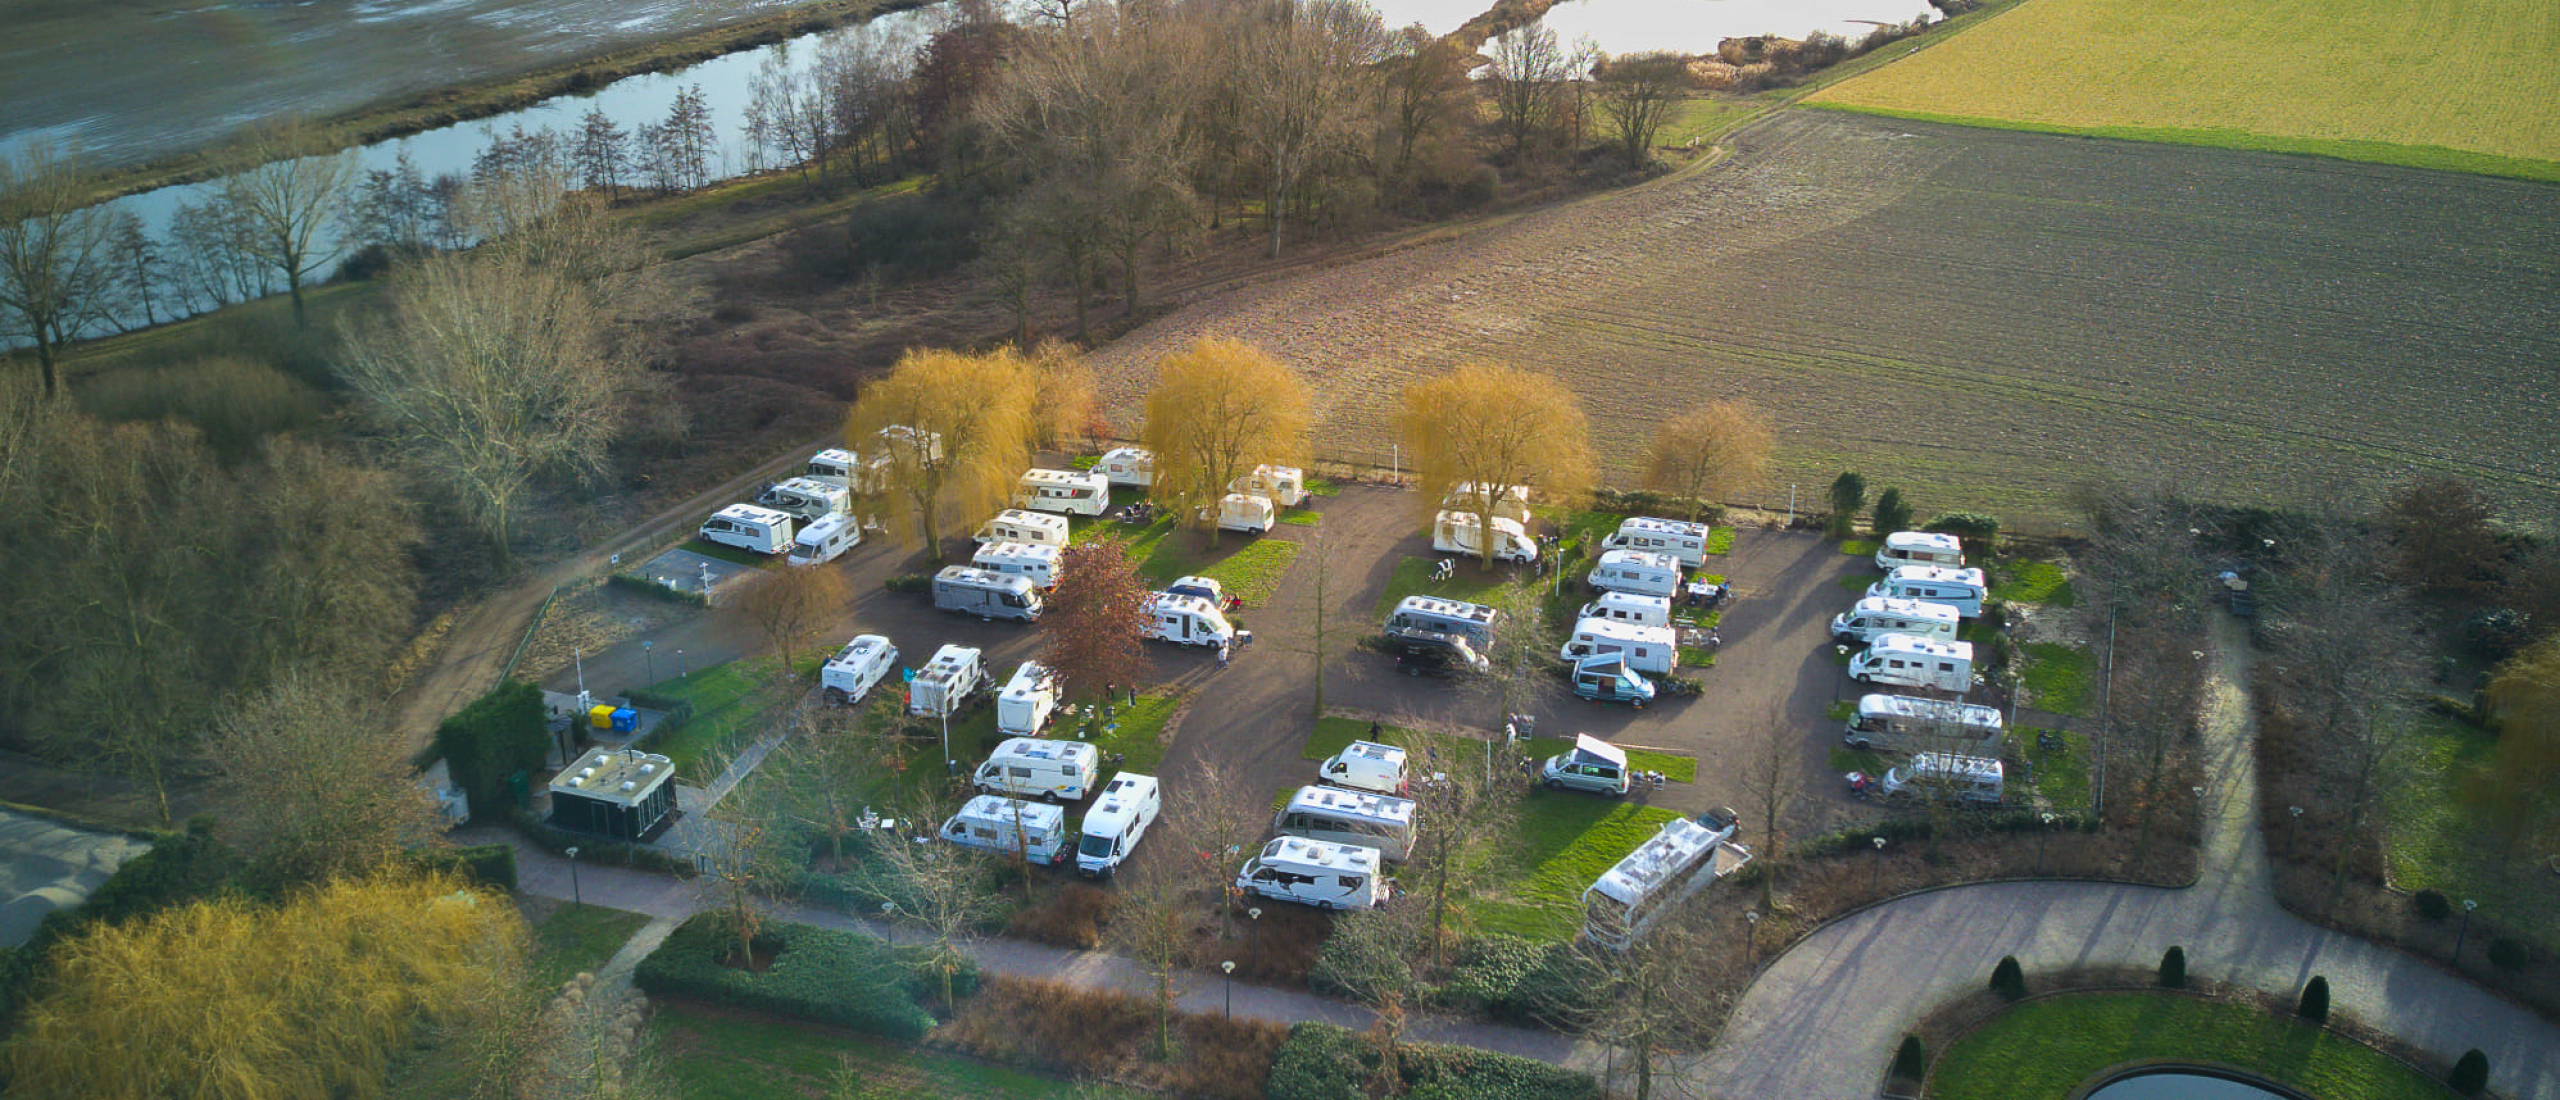 Camperplaats Kessel-Eik aan de Maas